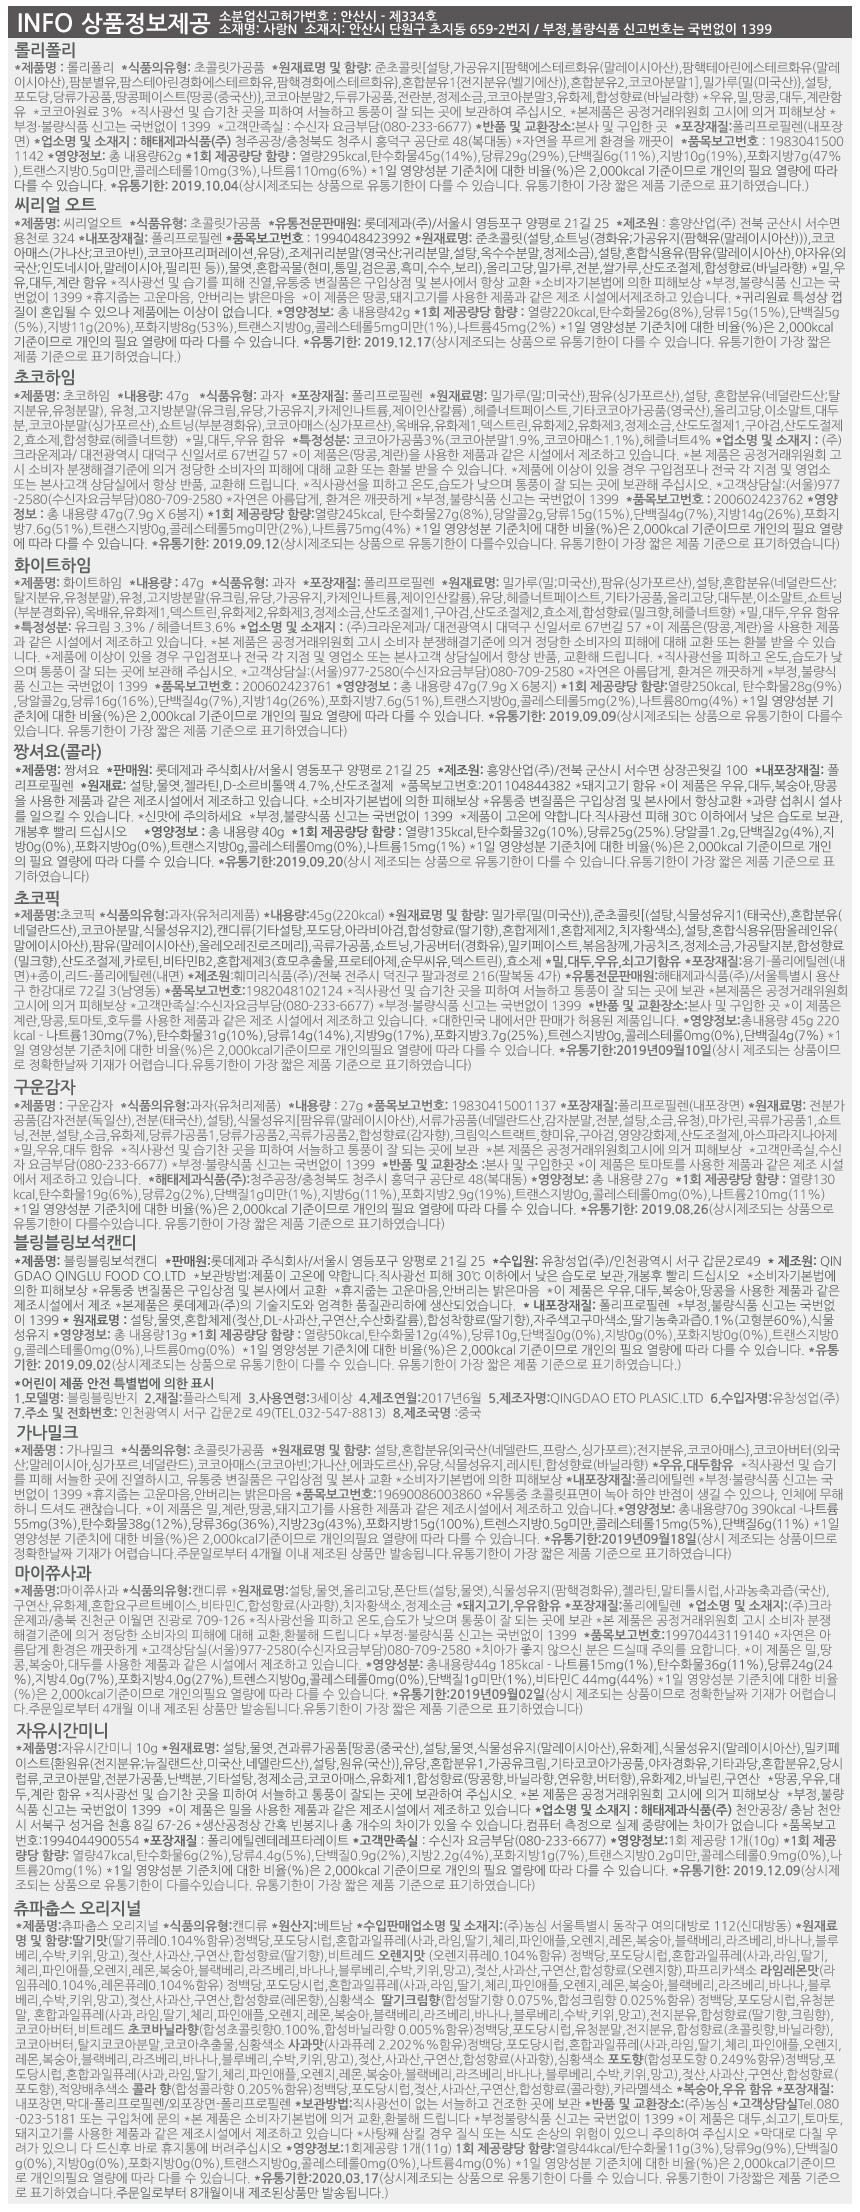 타원바구니 화이트데이 발렌타인데이 막대사탕 초콜릿 - 알사탕닷컴, 40,400원, 초콜릿/사탕, 사탕